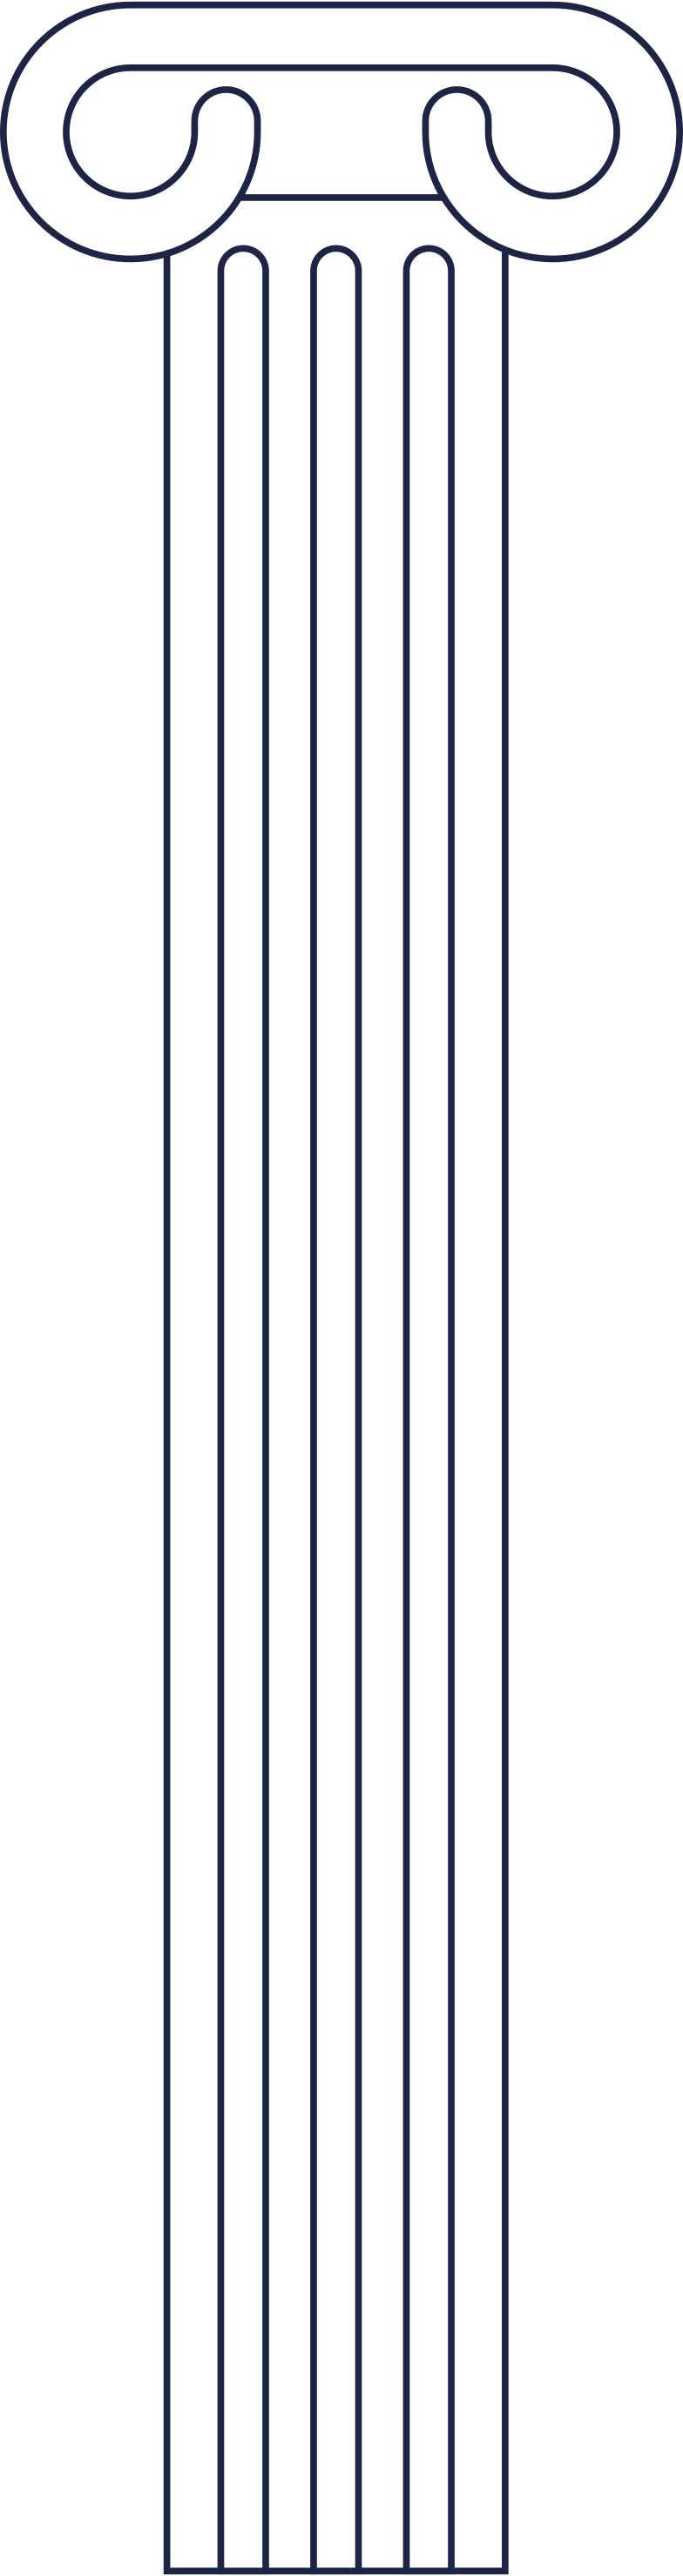 column background Clipart illustration in PNG, SVG